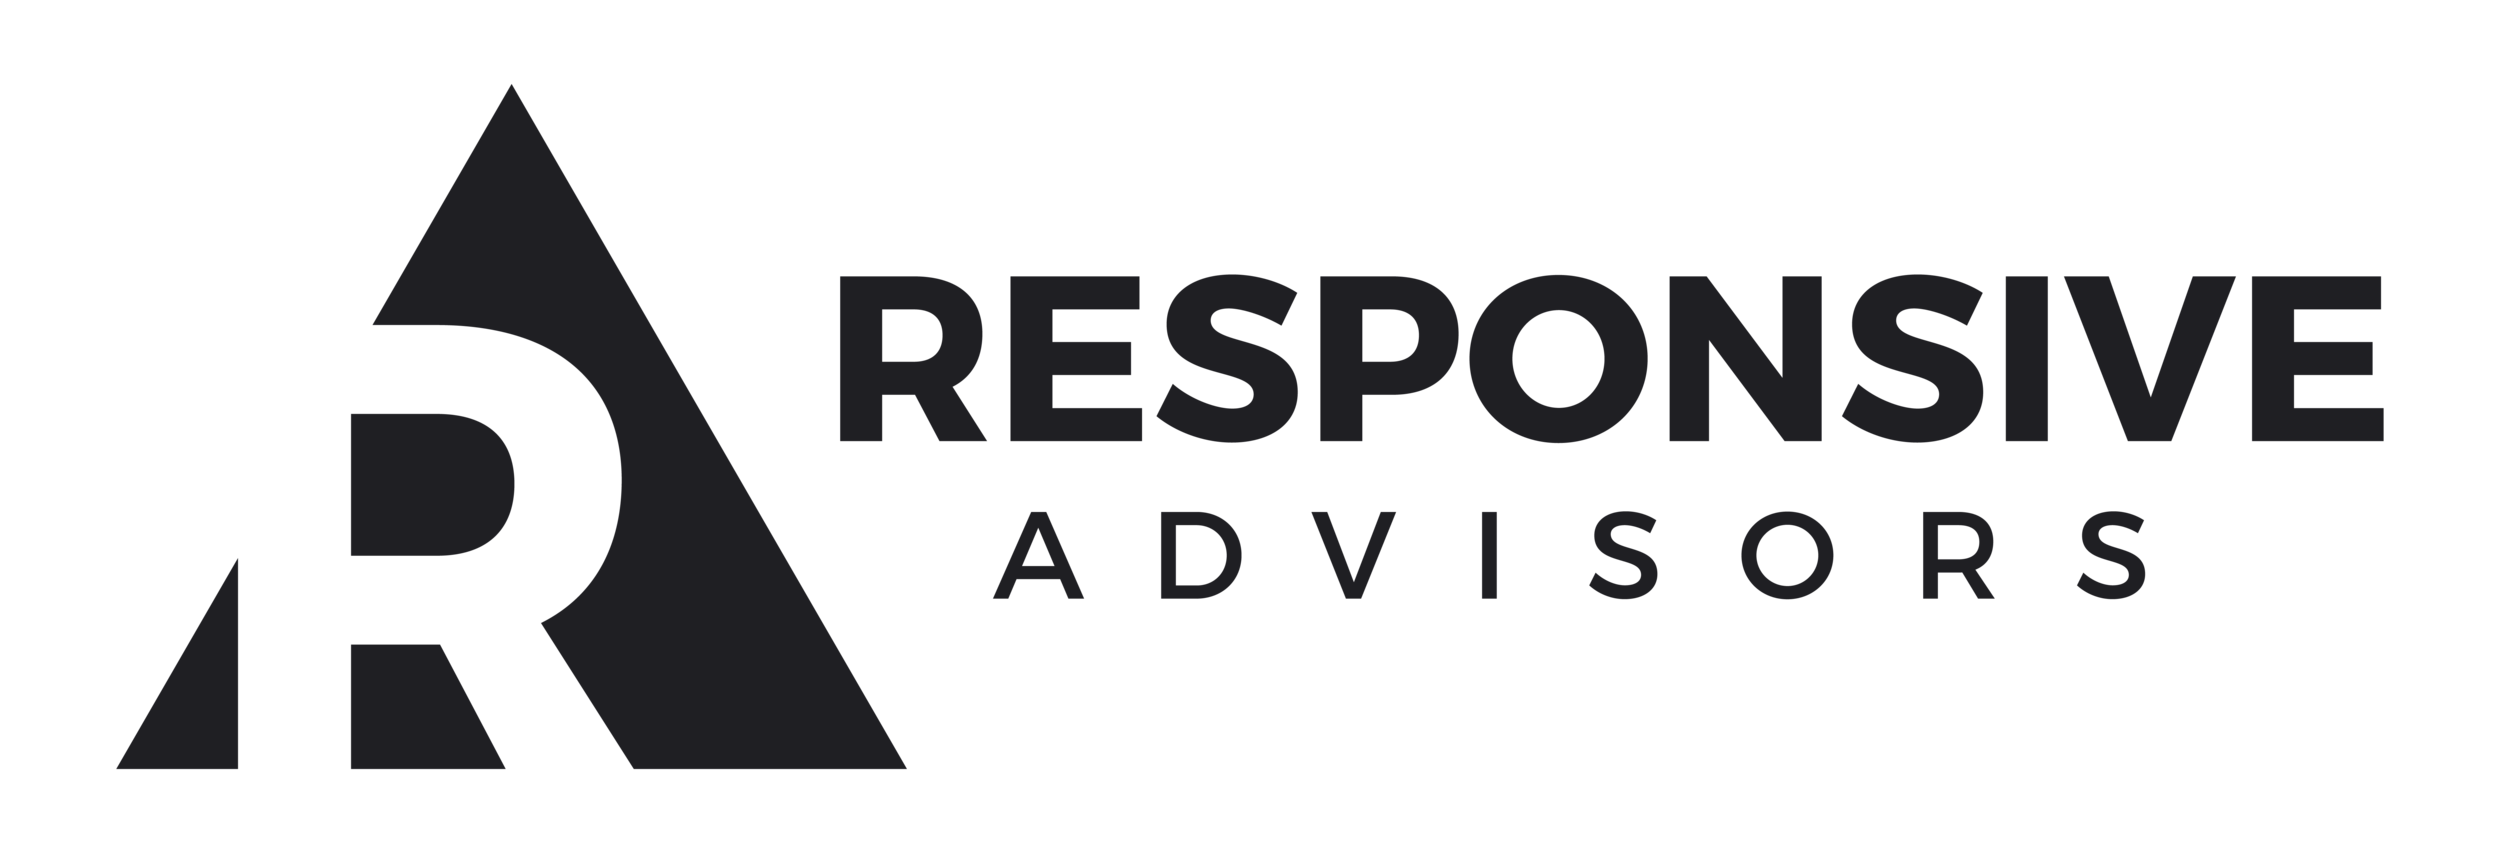 responsive-advisors-logo